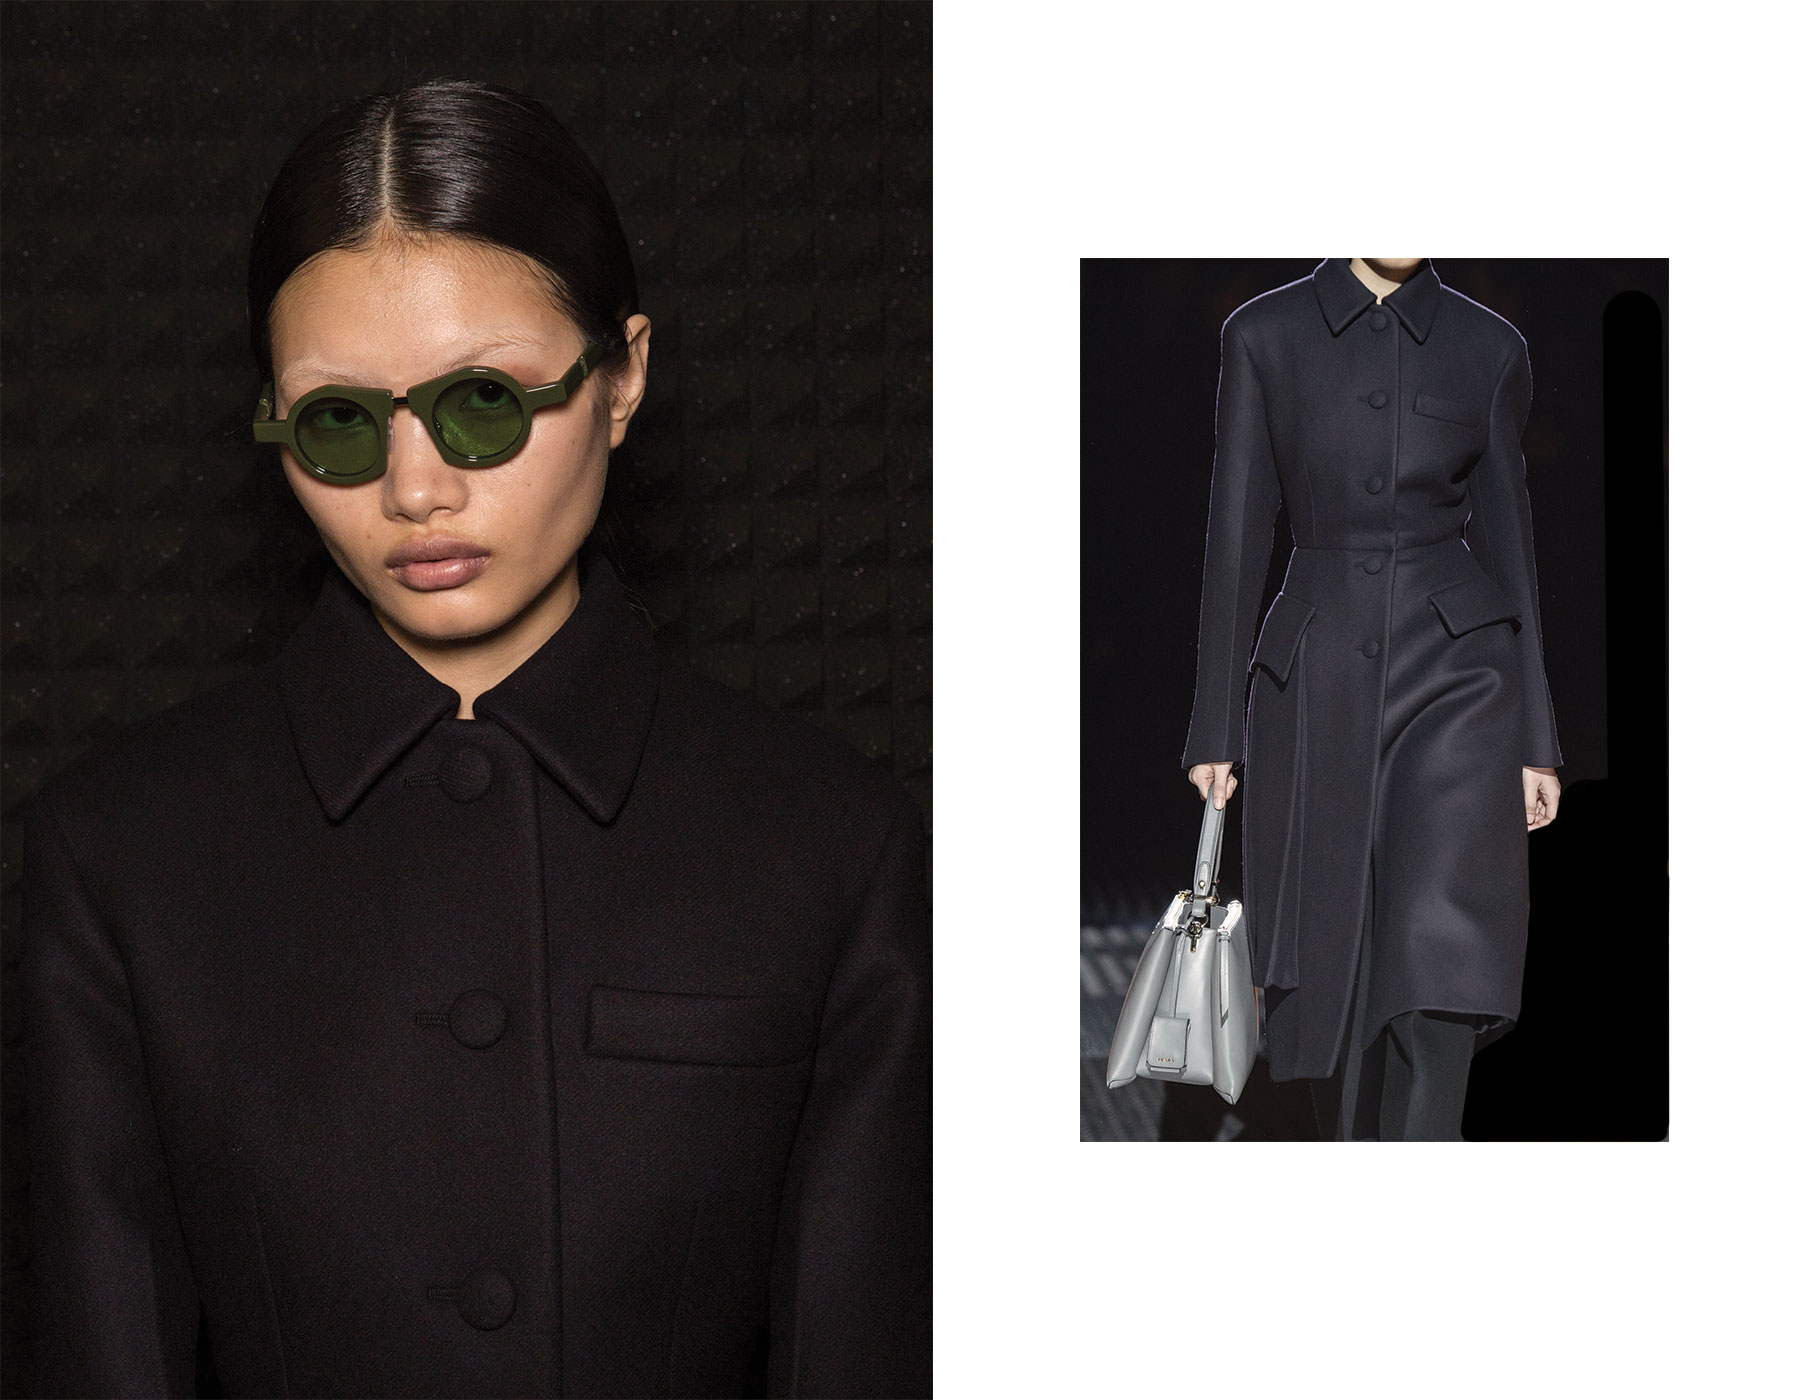 Milan-Fashion-Week-Max-Mara-19-Runway-Show-Oracle-Fox-